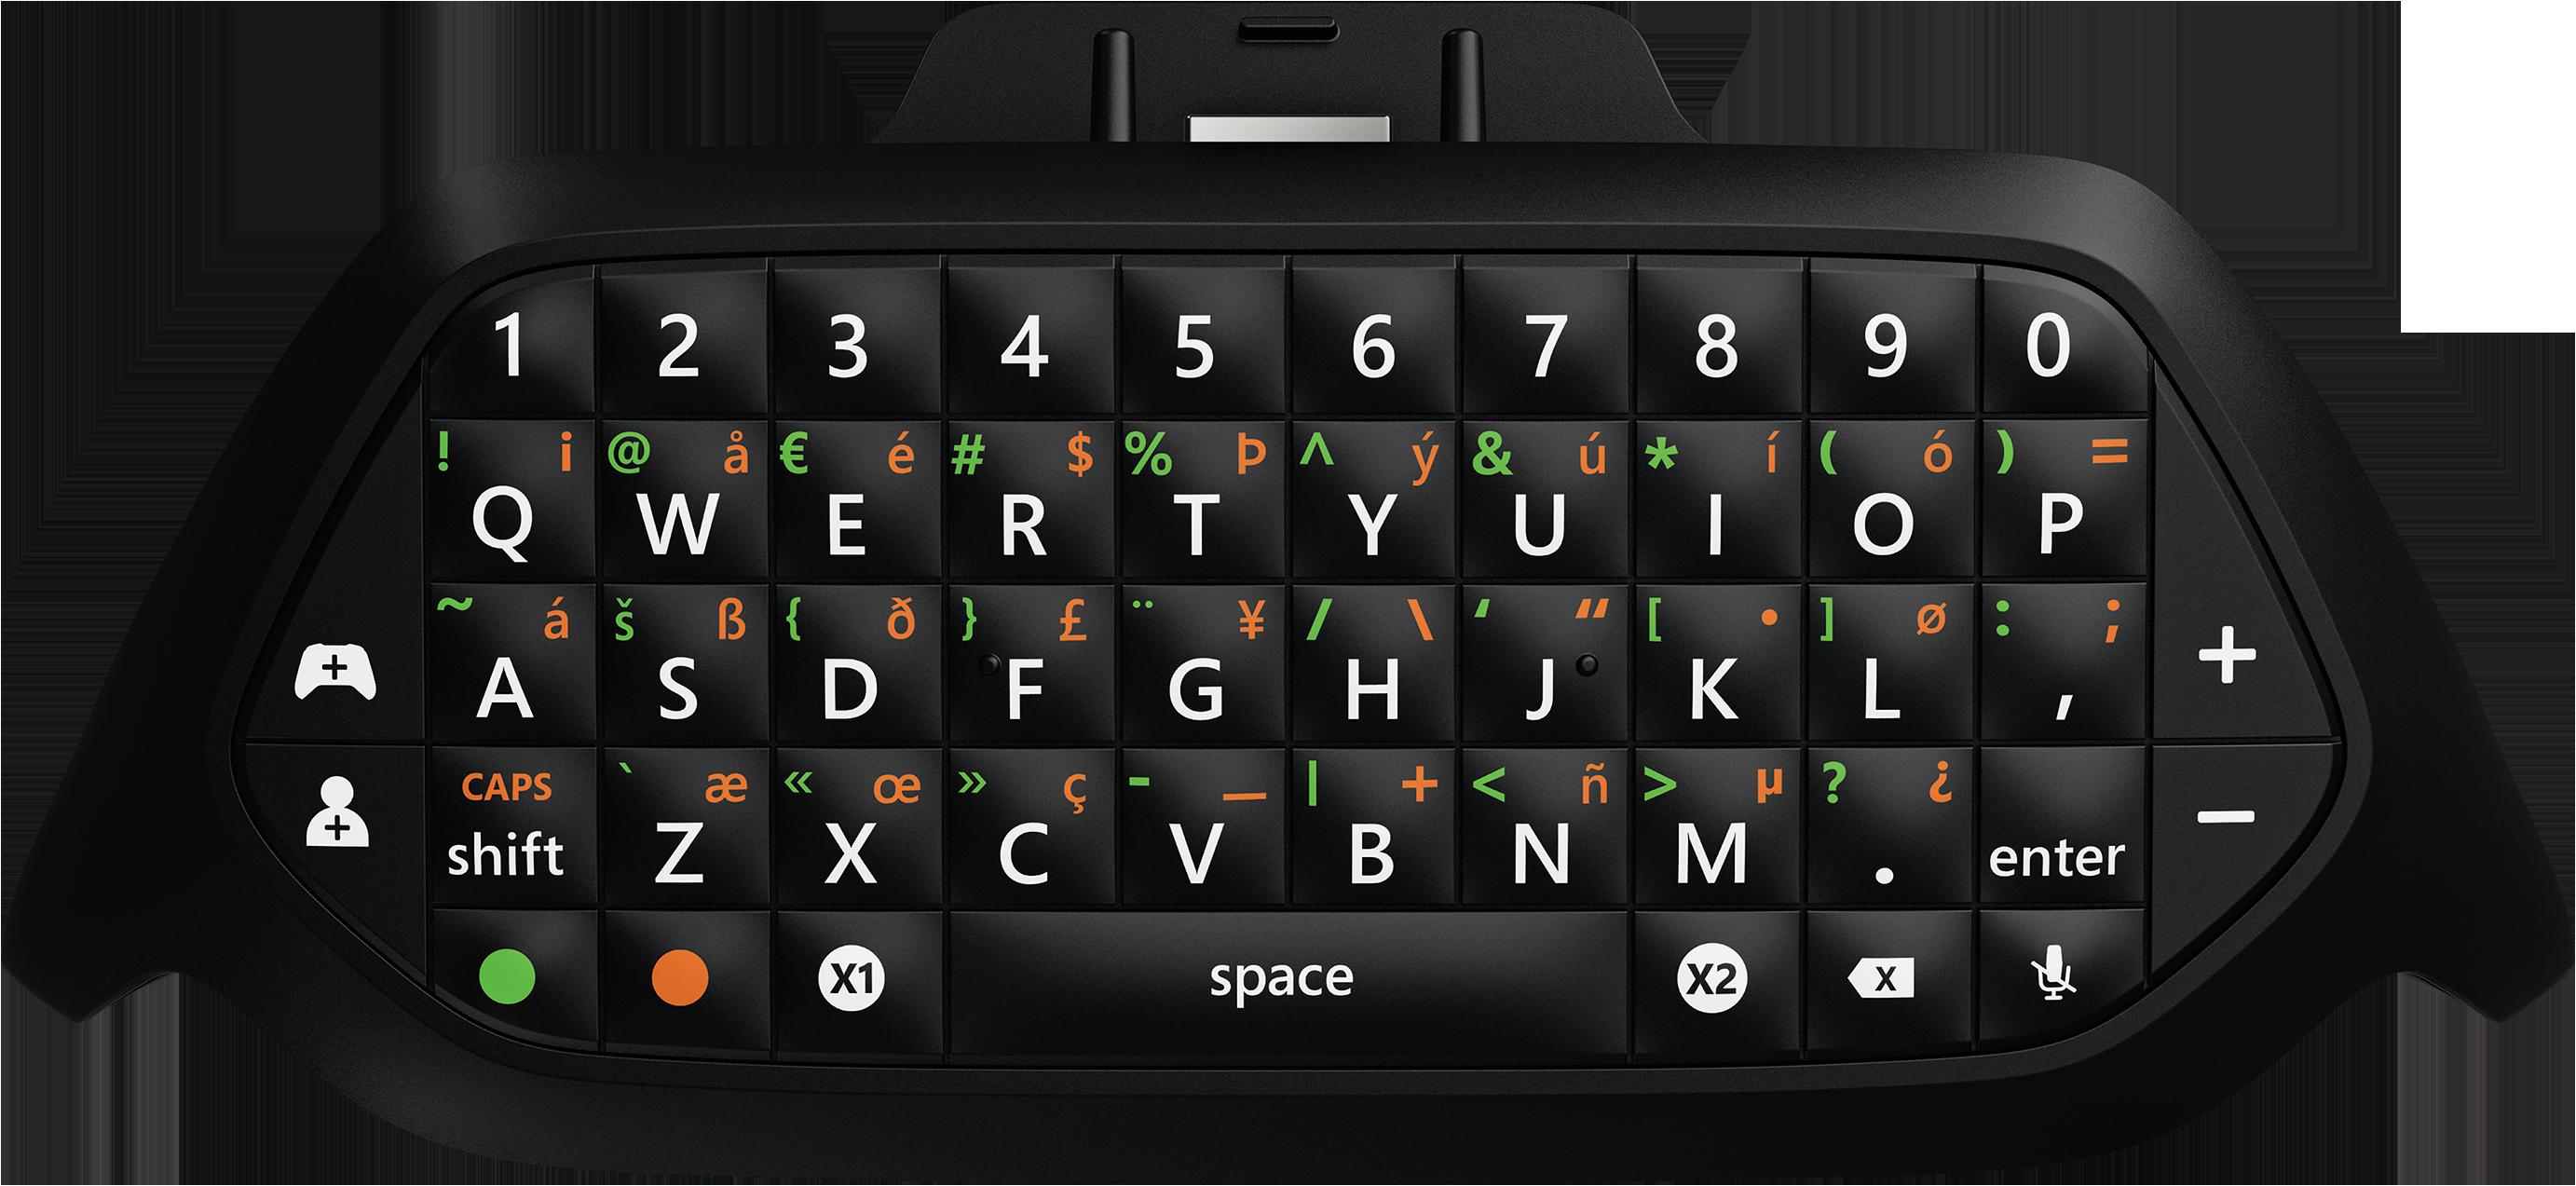 Clavier Messenger pour Xbox